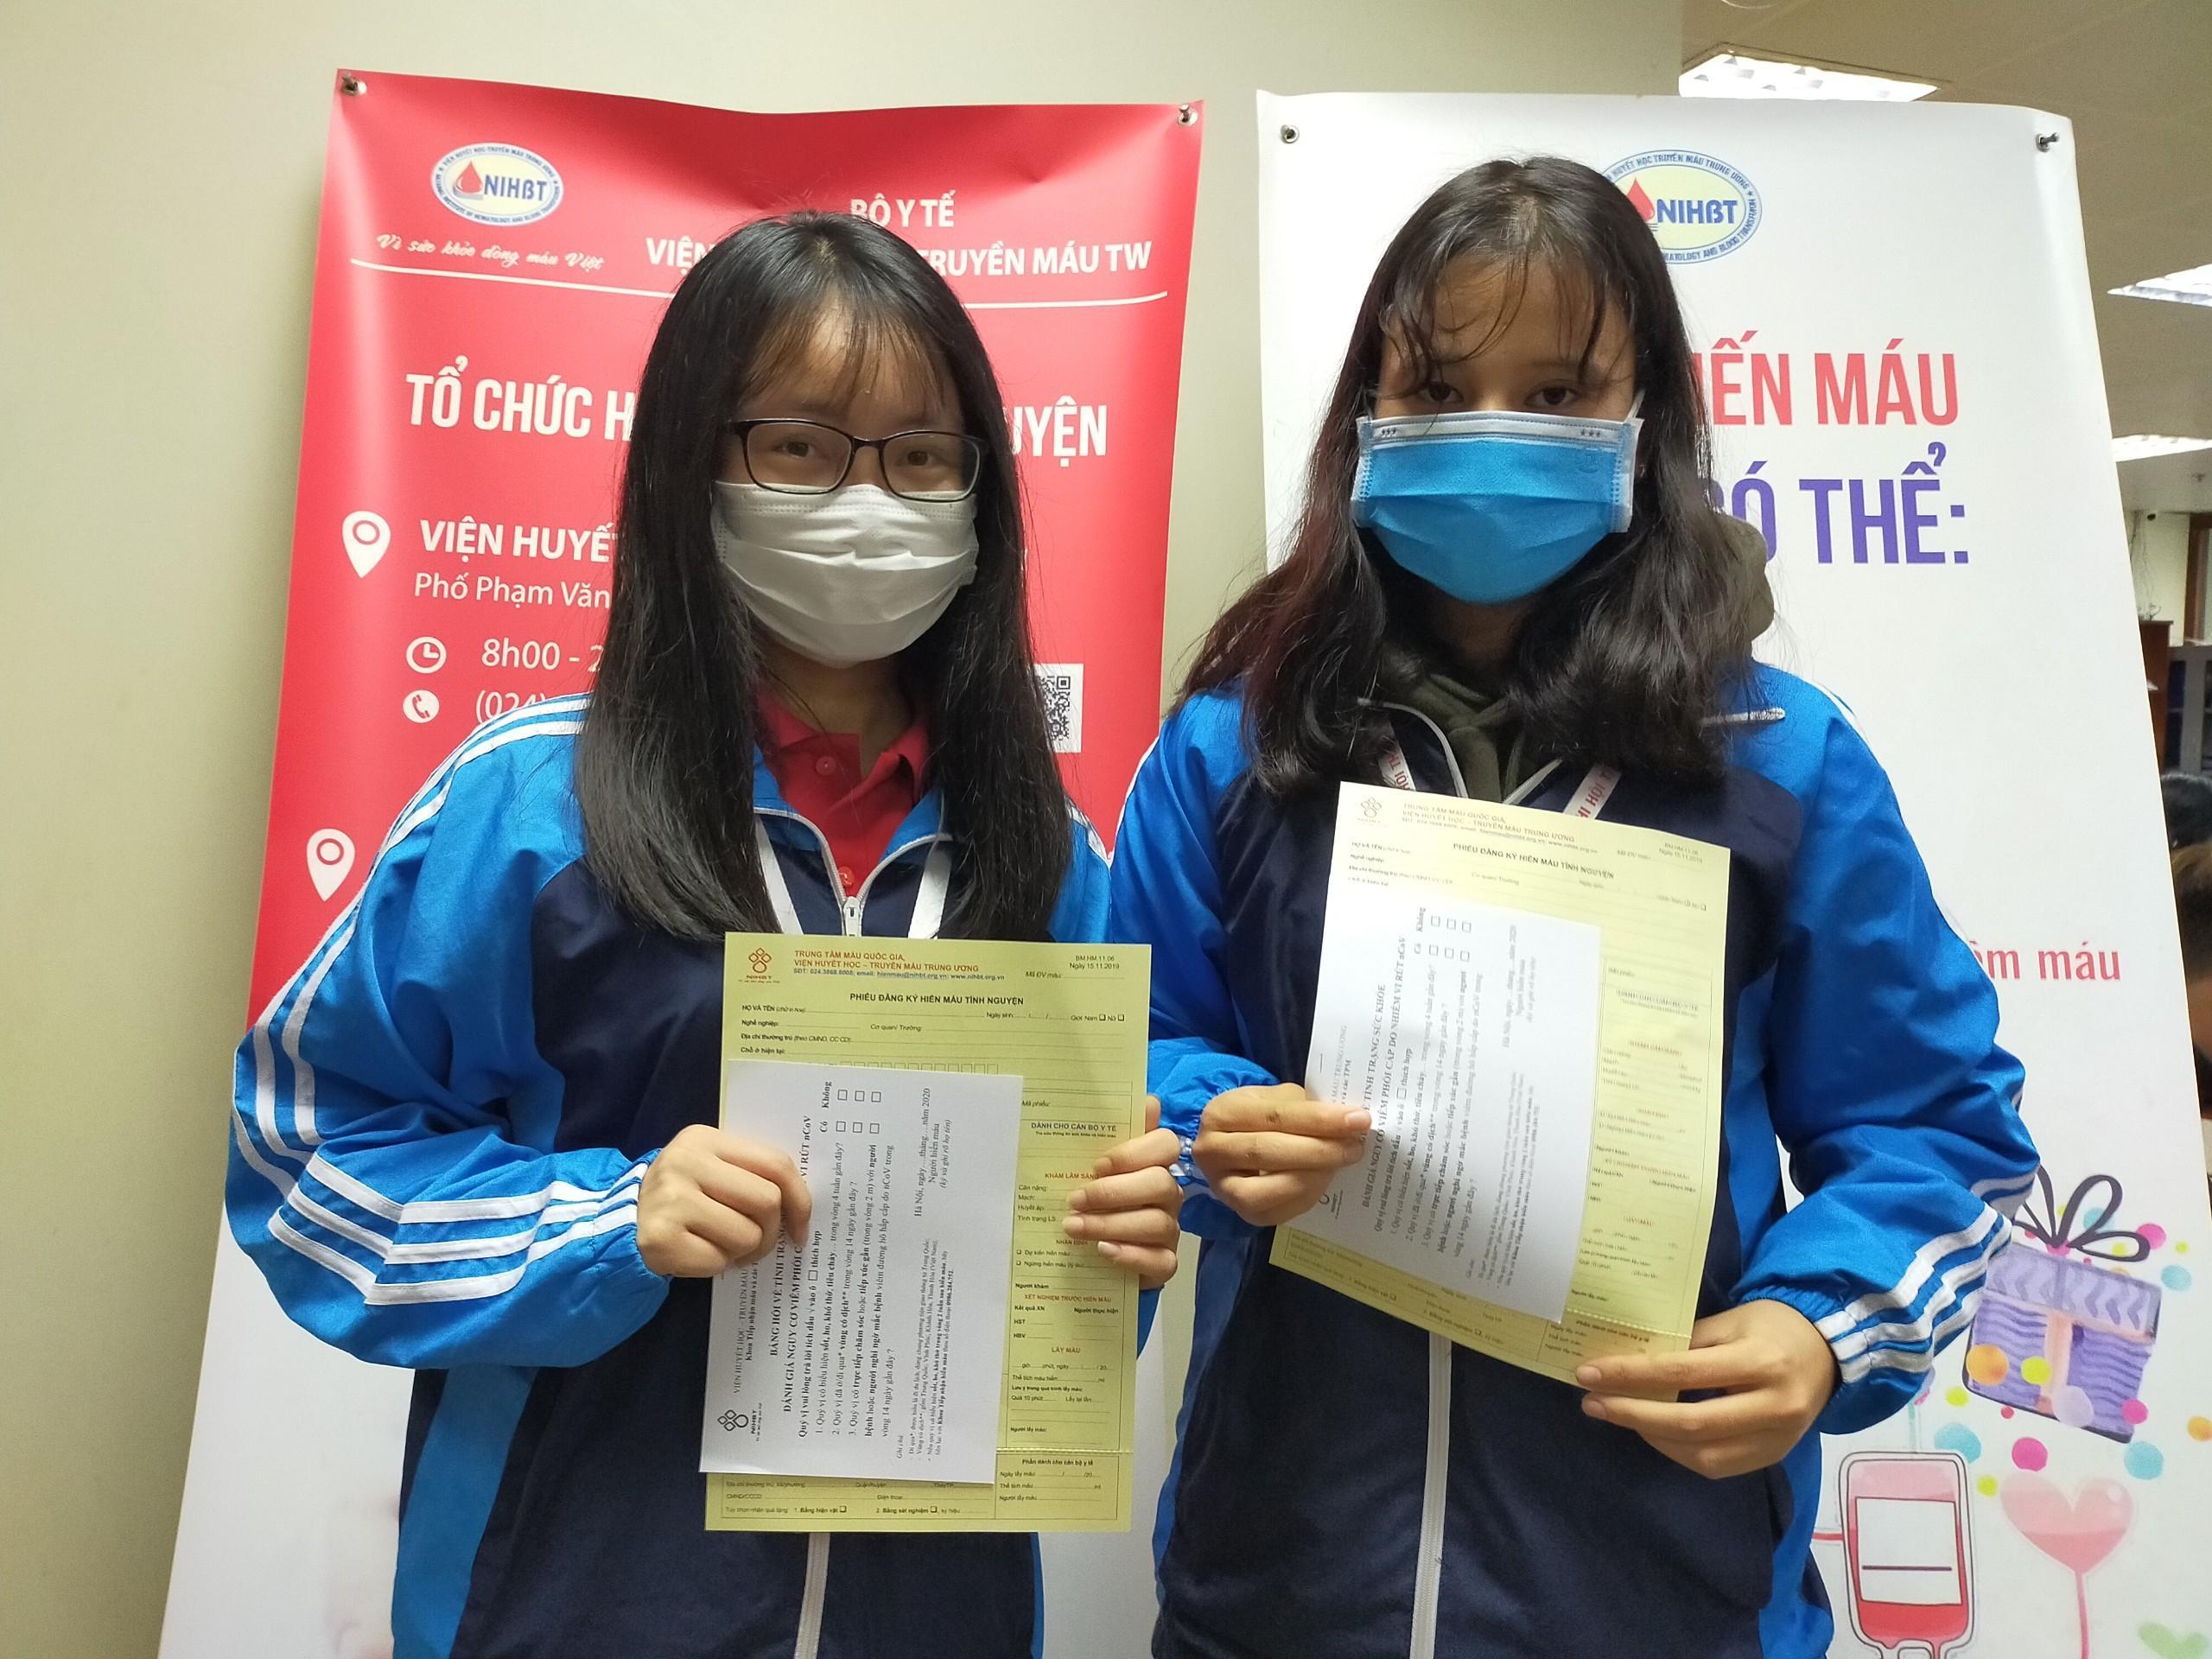 Bệnh viện thiếu máu, bạn trẻ không ngại dịch corona hiến máu tình nguyện Ảnh 2